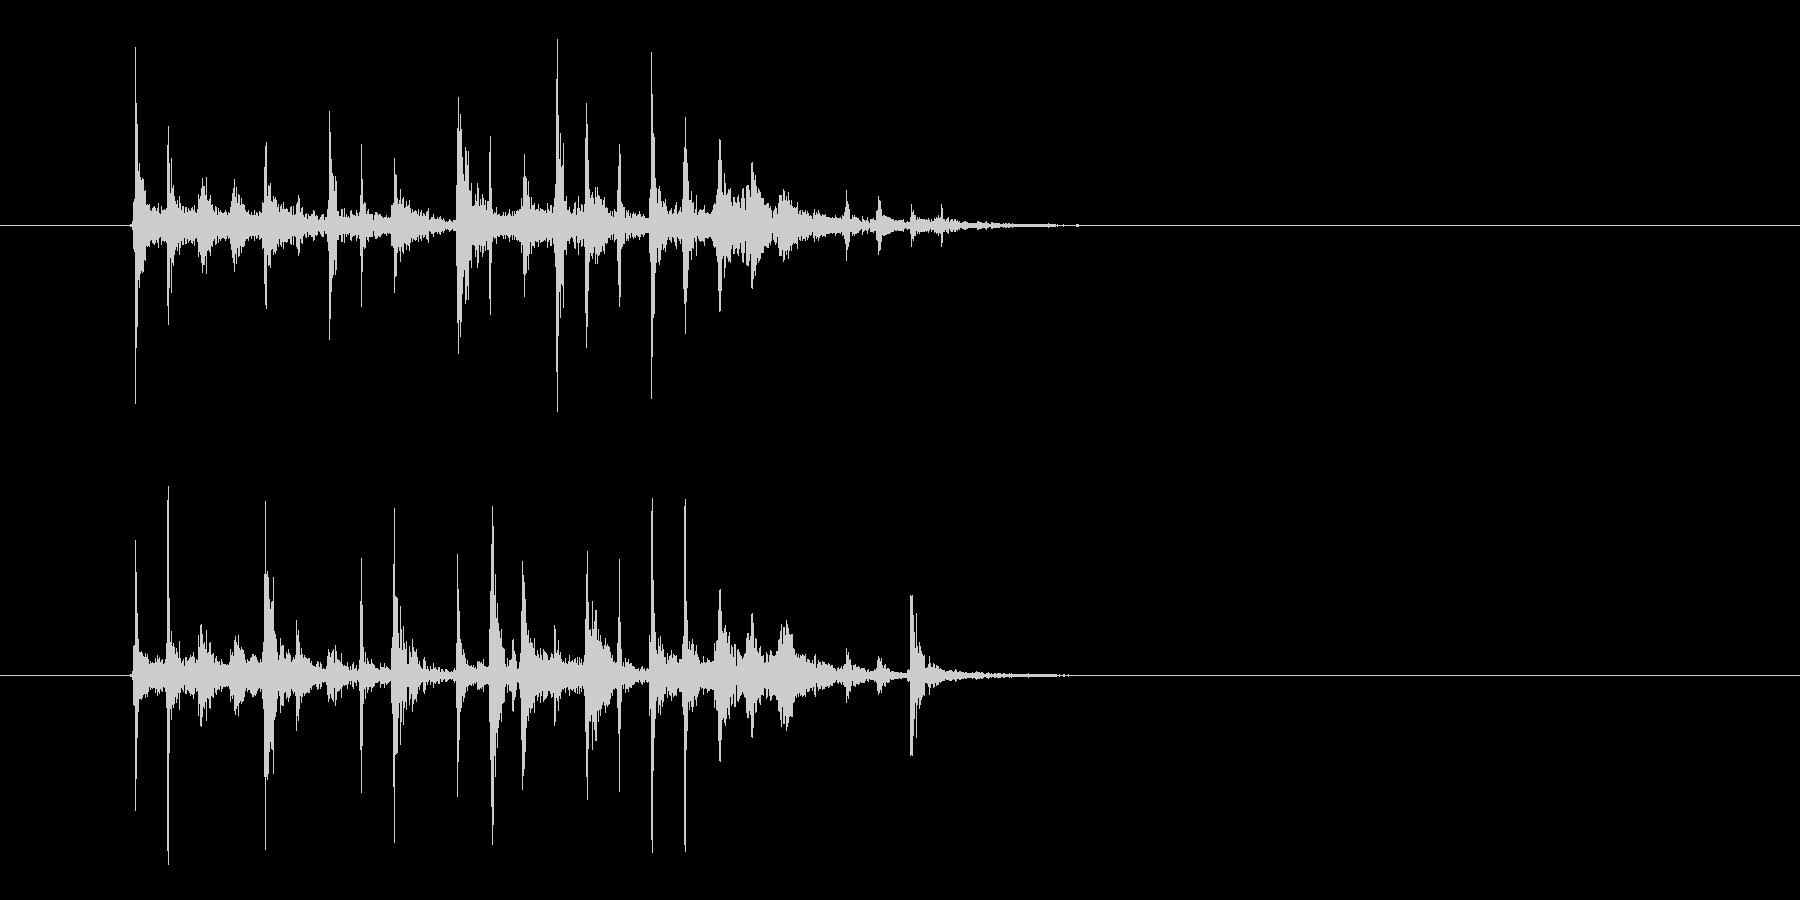 パーカッションによるショートジングルの未再生の波形